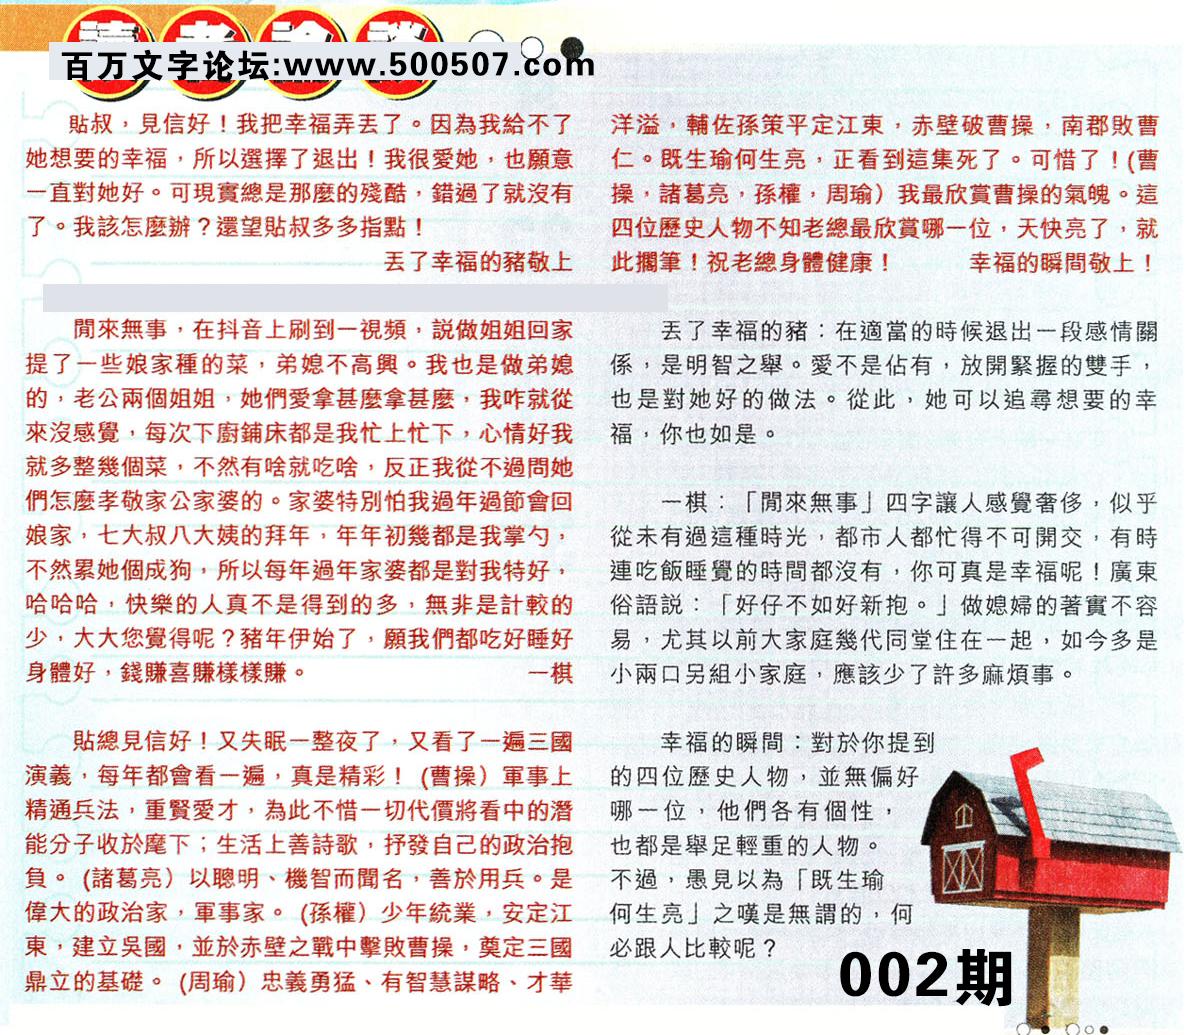 002期:彩民推荐�N信�x者���